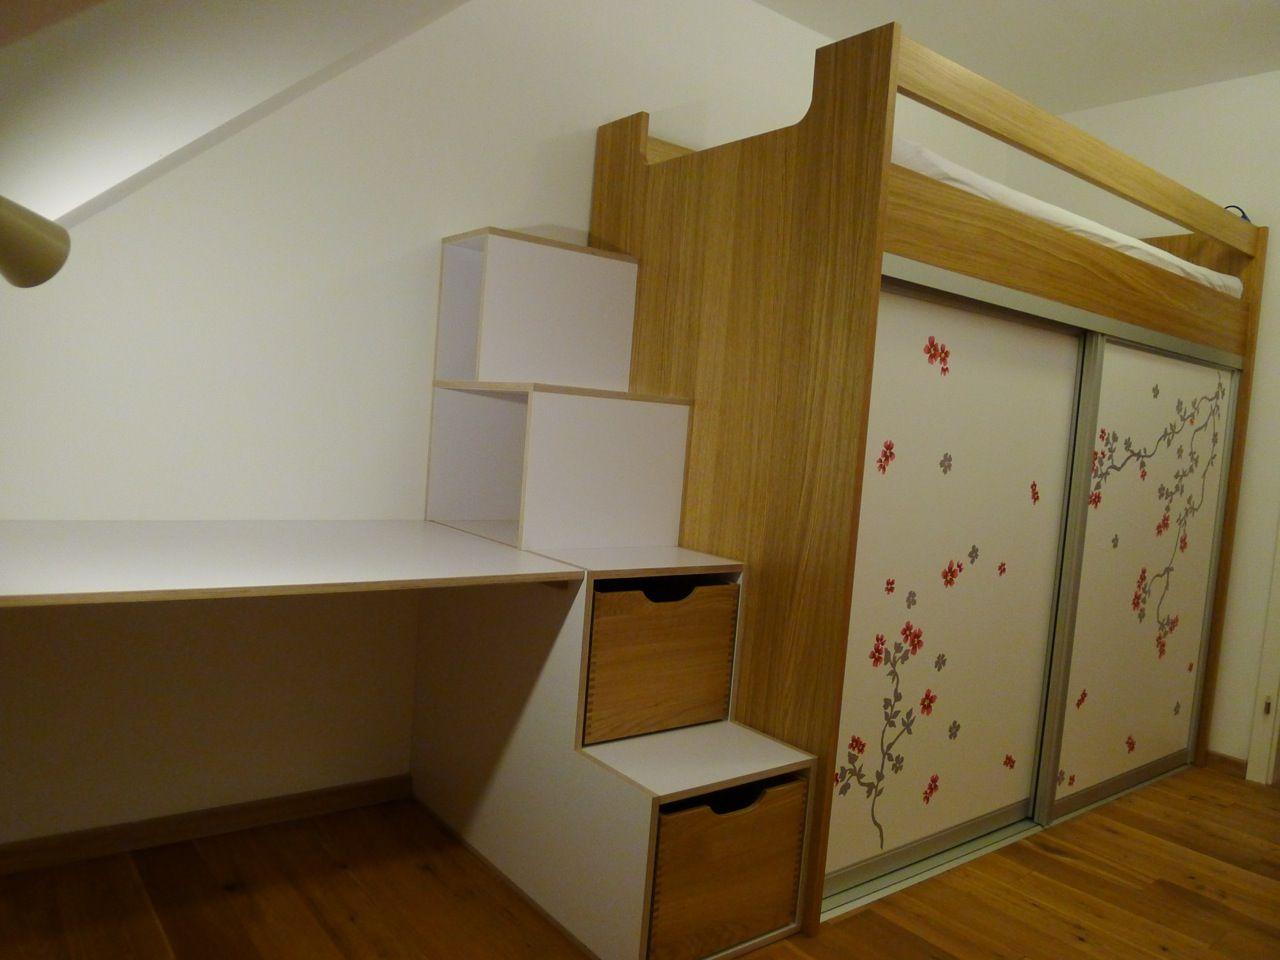 Kinderzimmer Mit Hochbett Schrank Schreibtisch In Eiche Und